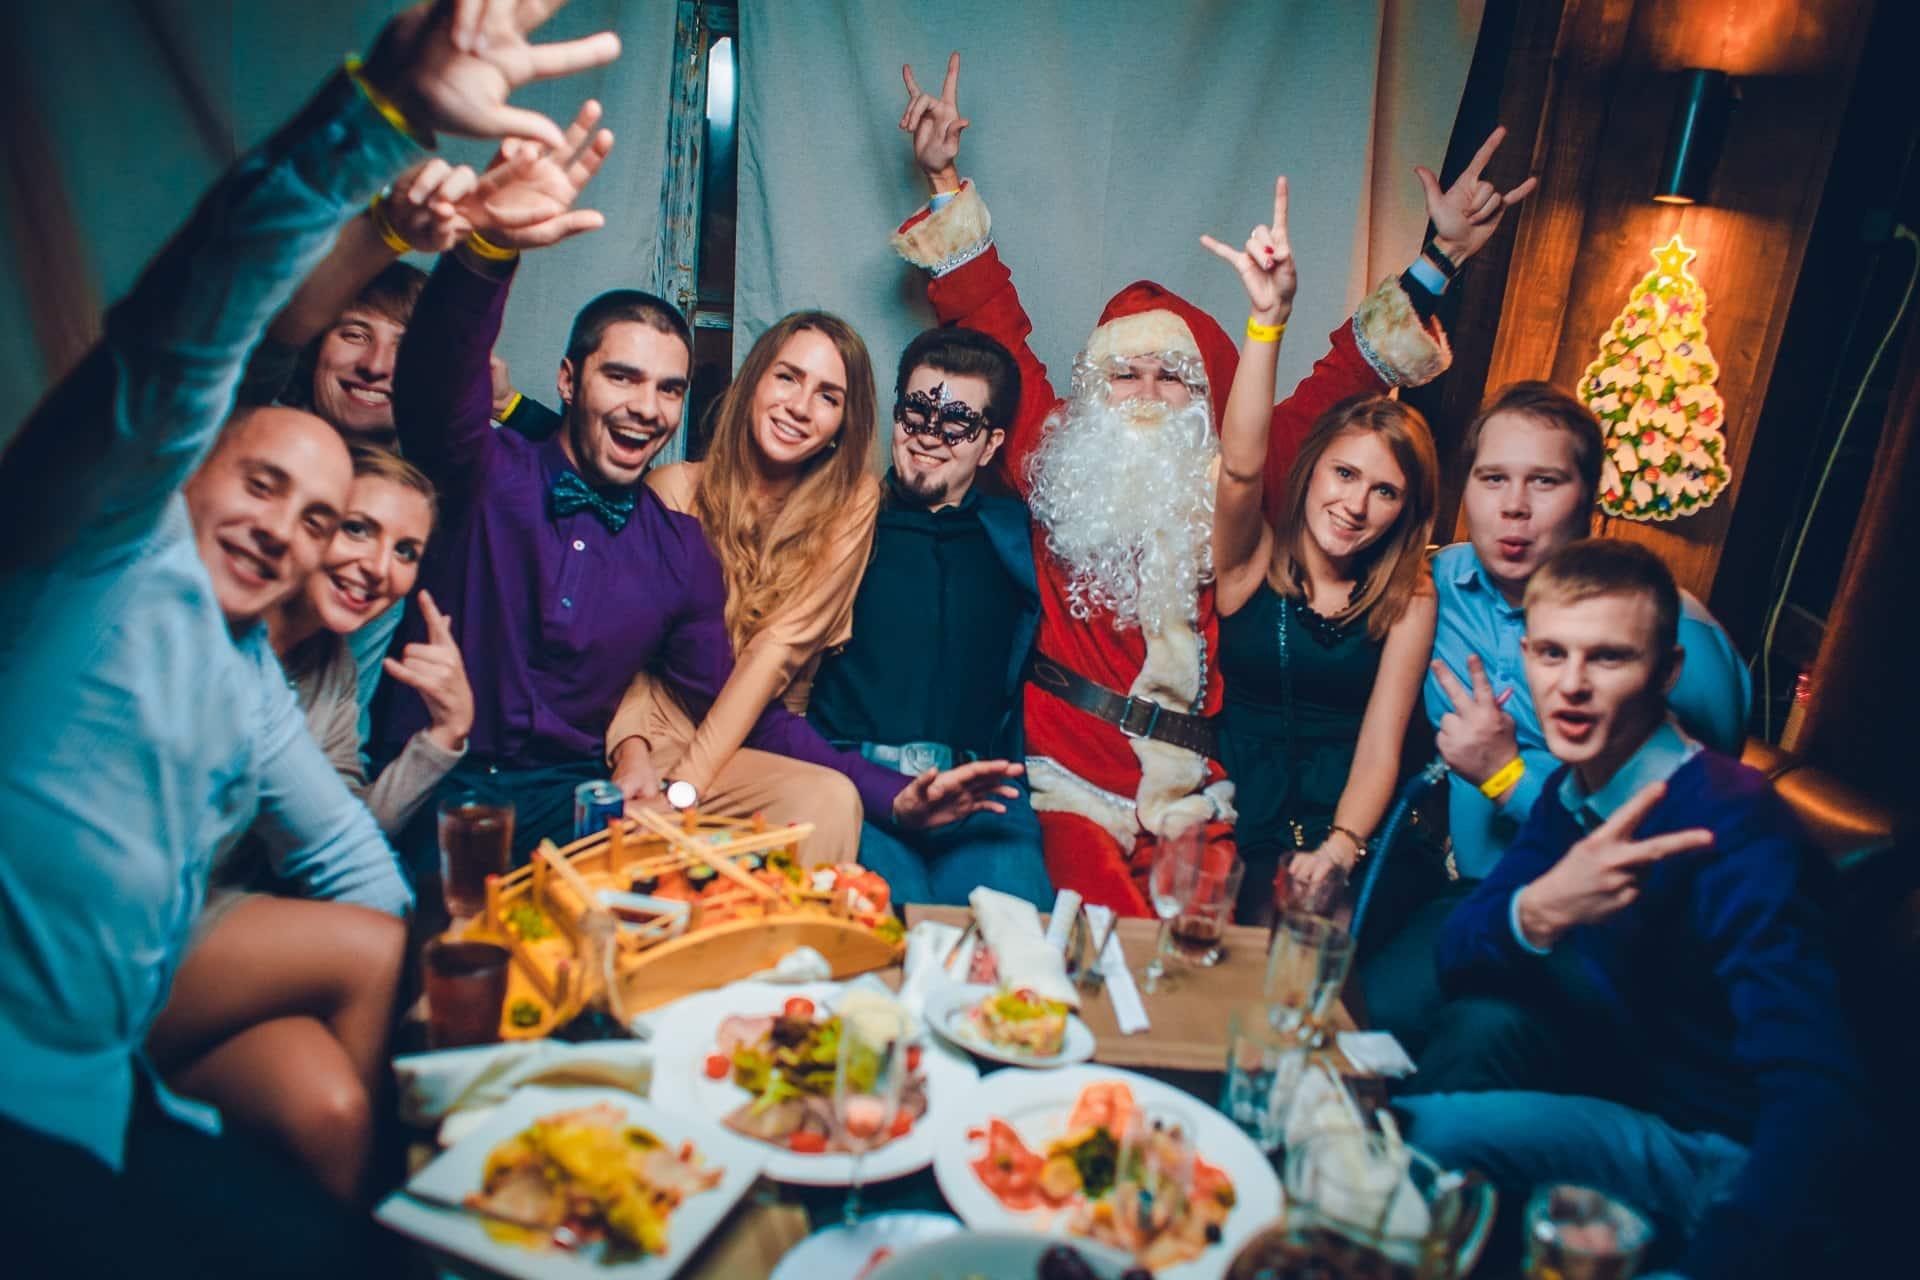 Где встретить главный праздник в Подмосковье удачно и недорого